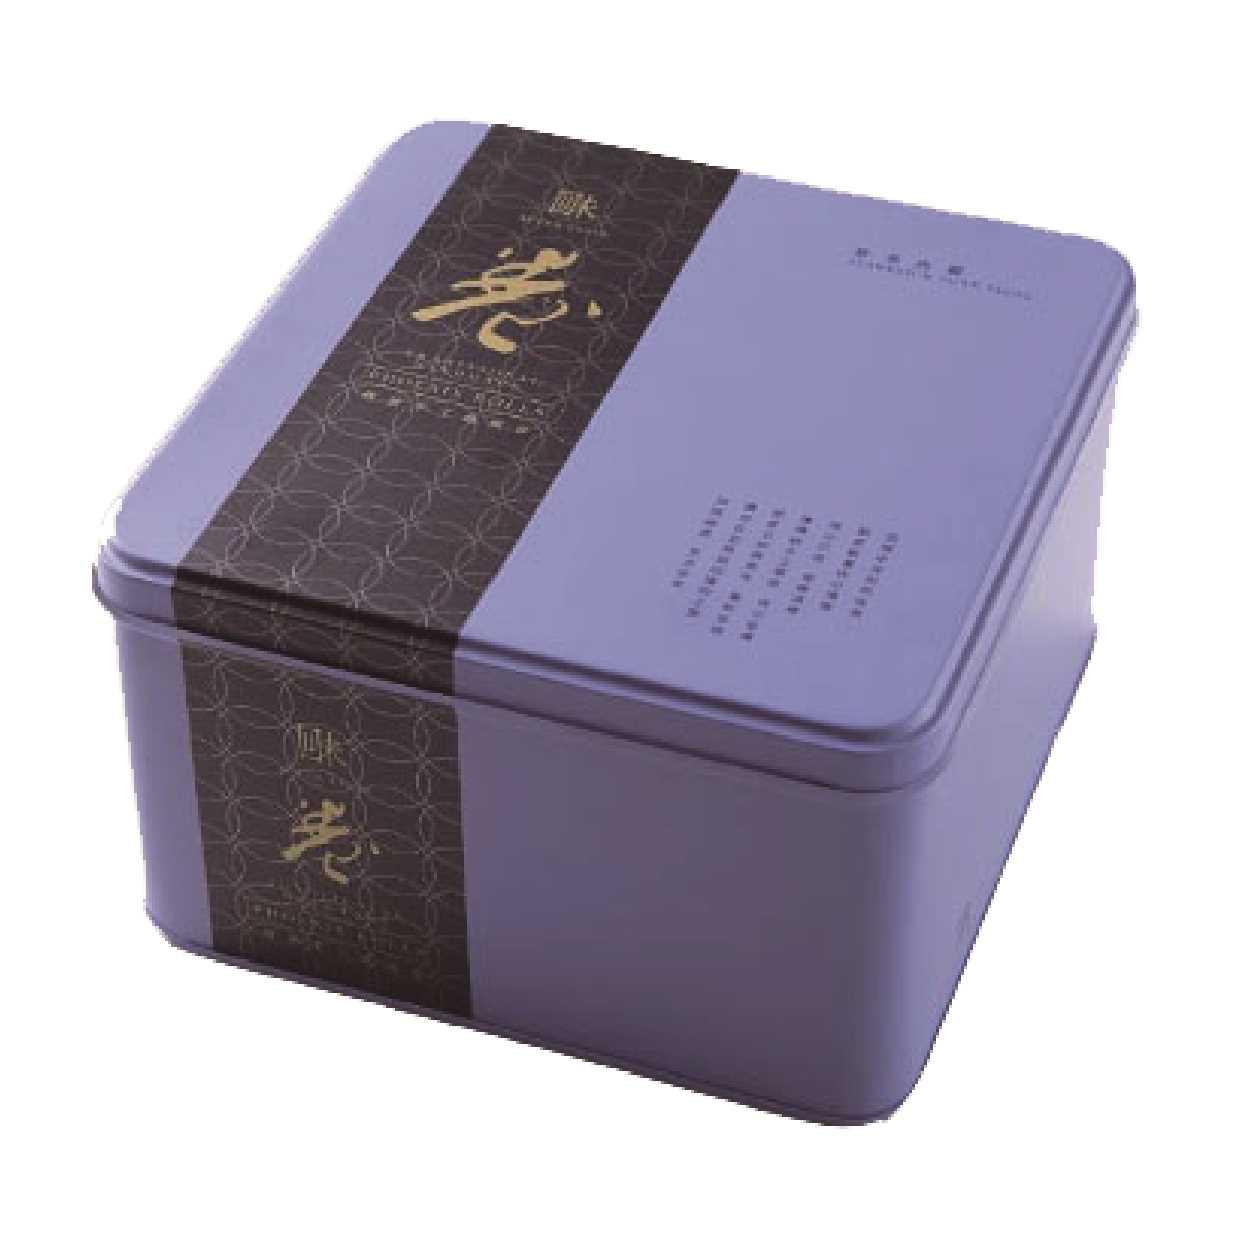 回味傳統手工鳳凰卷-紫菜肉鬆 454g